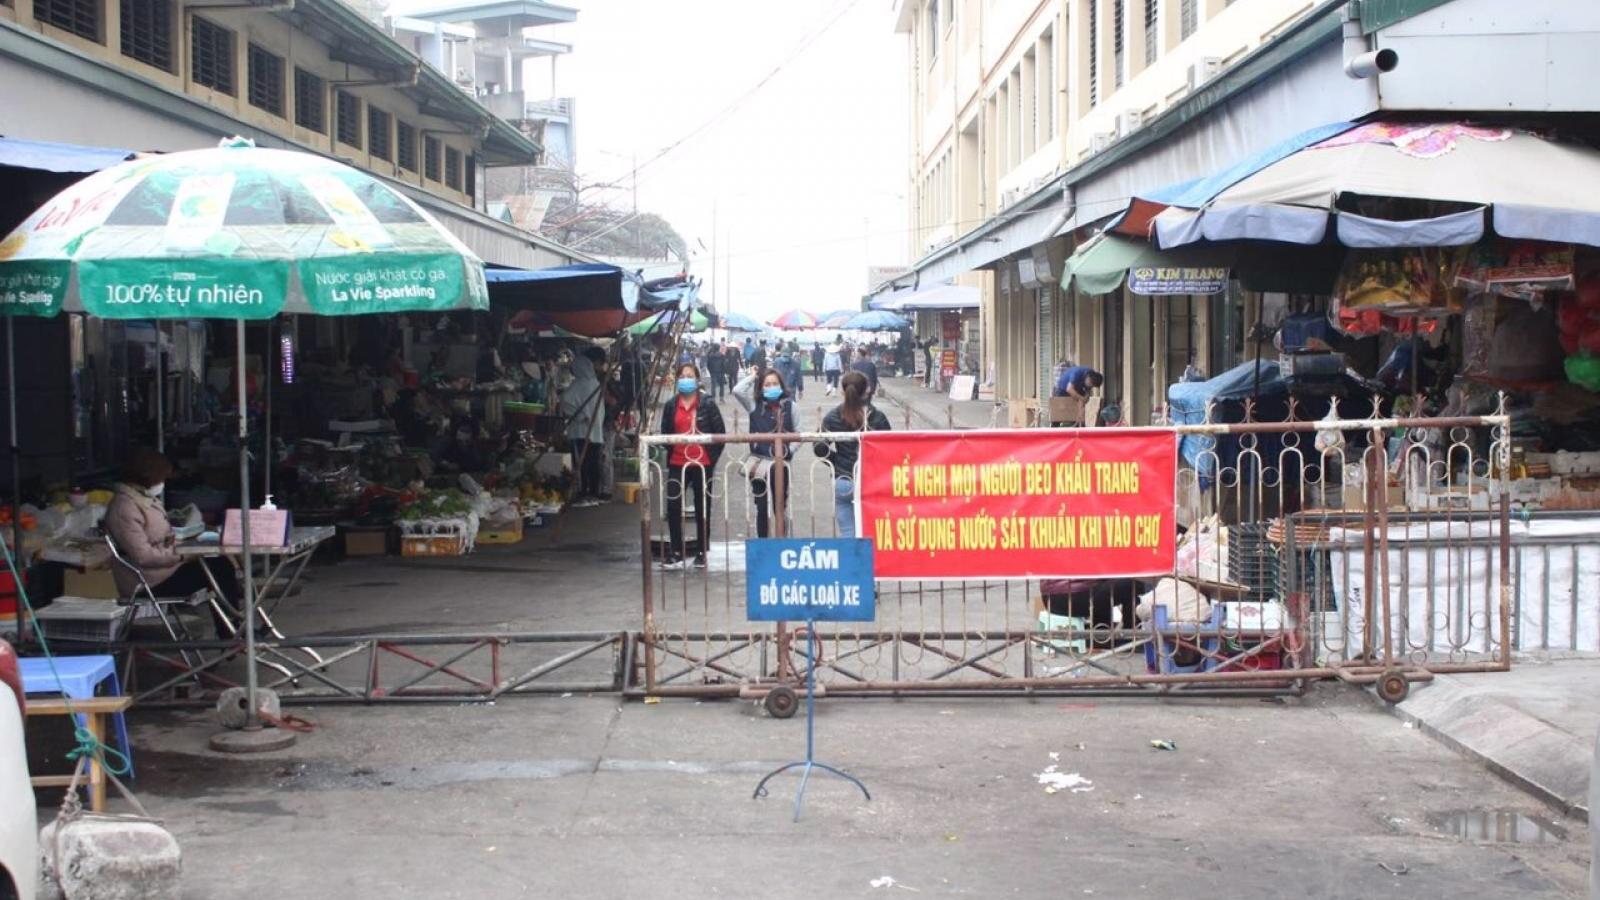 Thành phố Hạ Long gỡ dần phong tỏa các chợ, tạo điều kiện cho bà con buôn bán